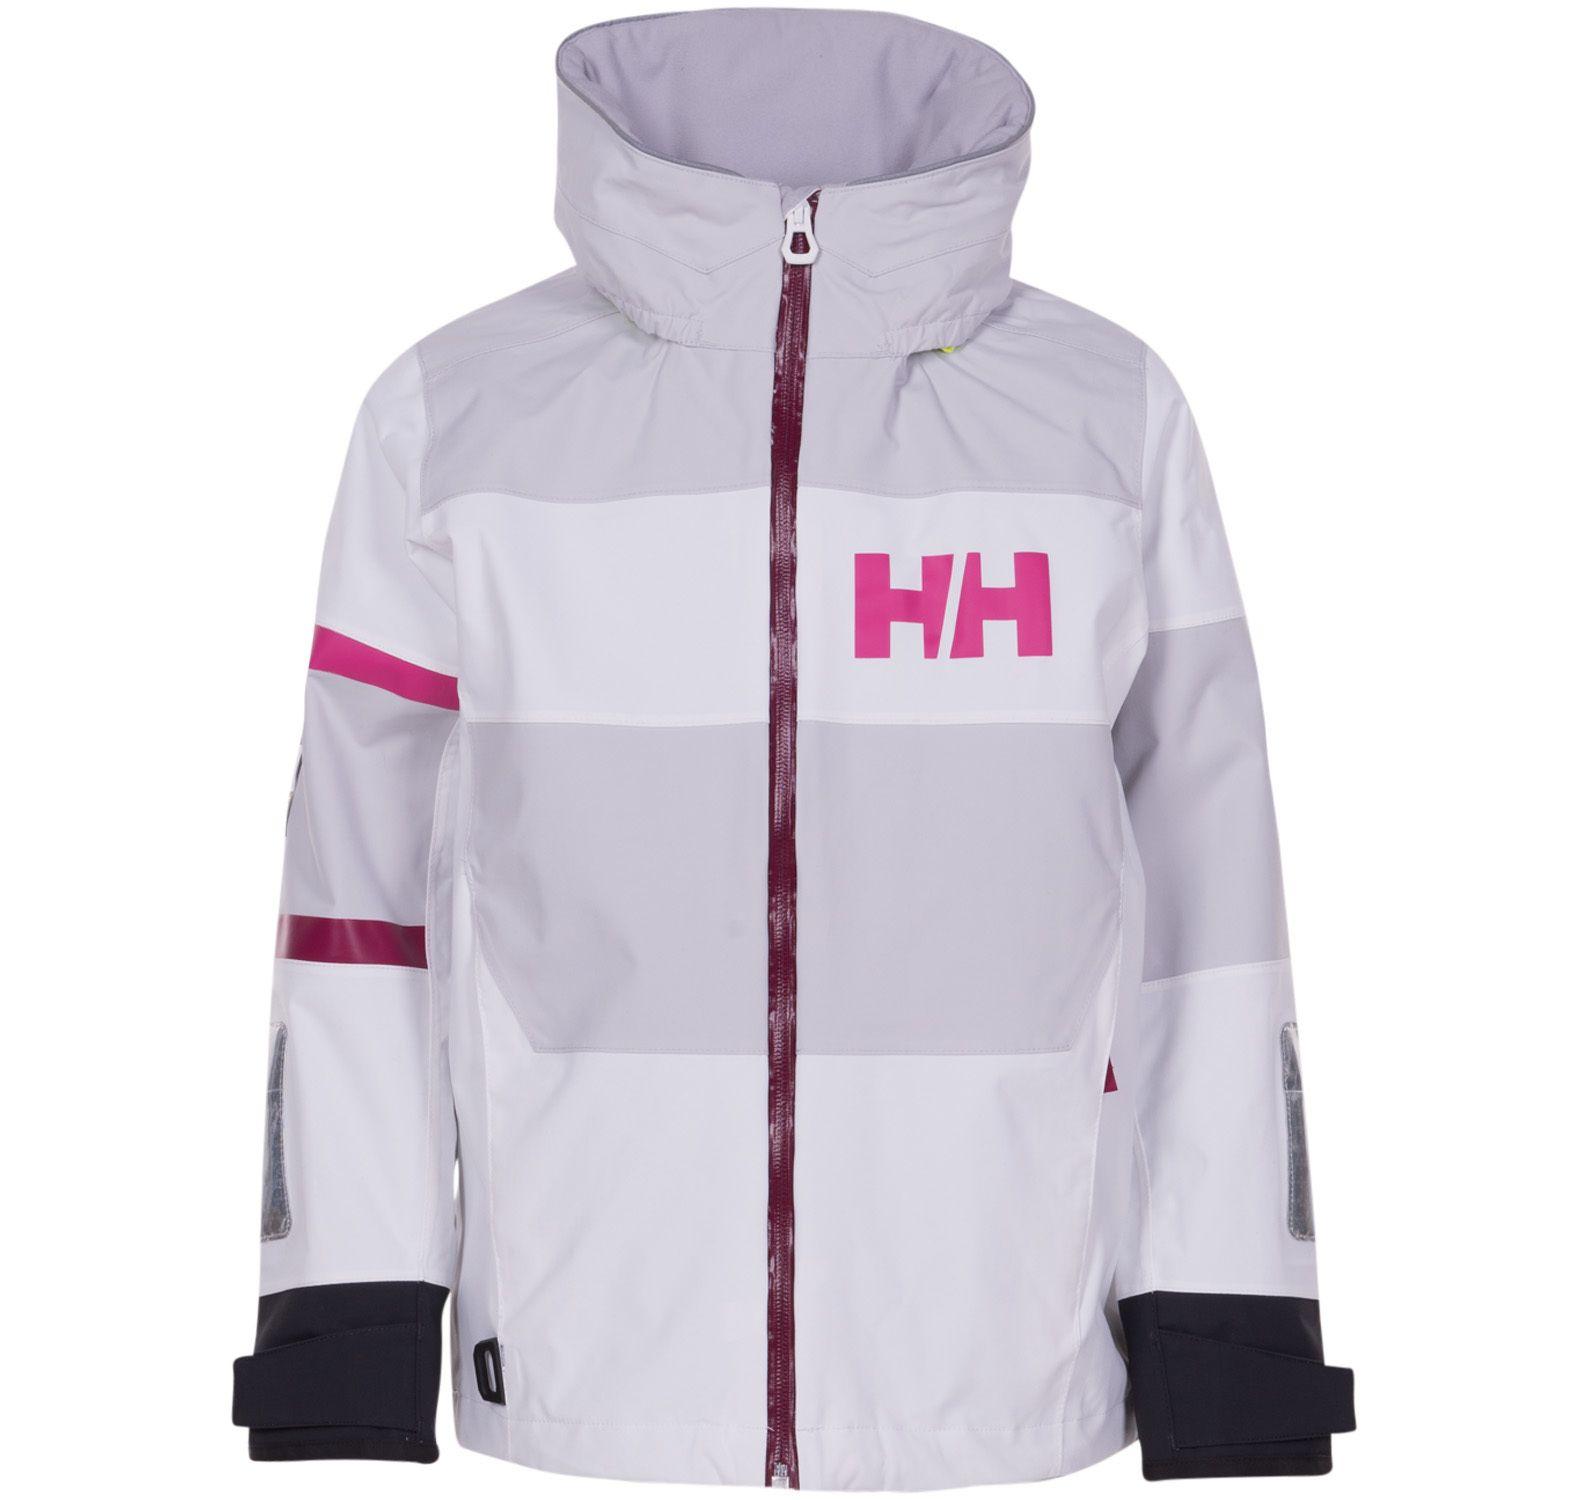 jr salt coast jacket, 001 white, 176